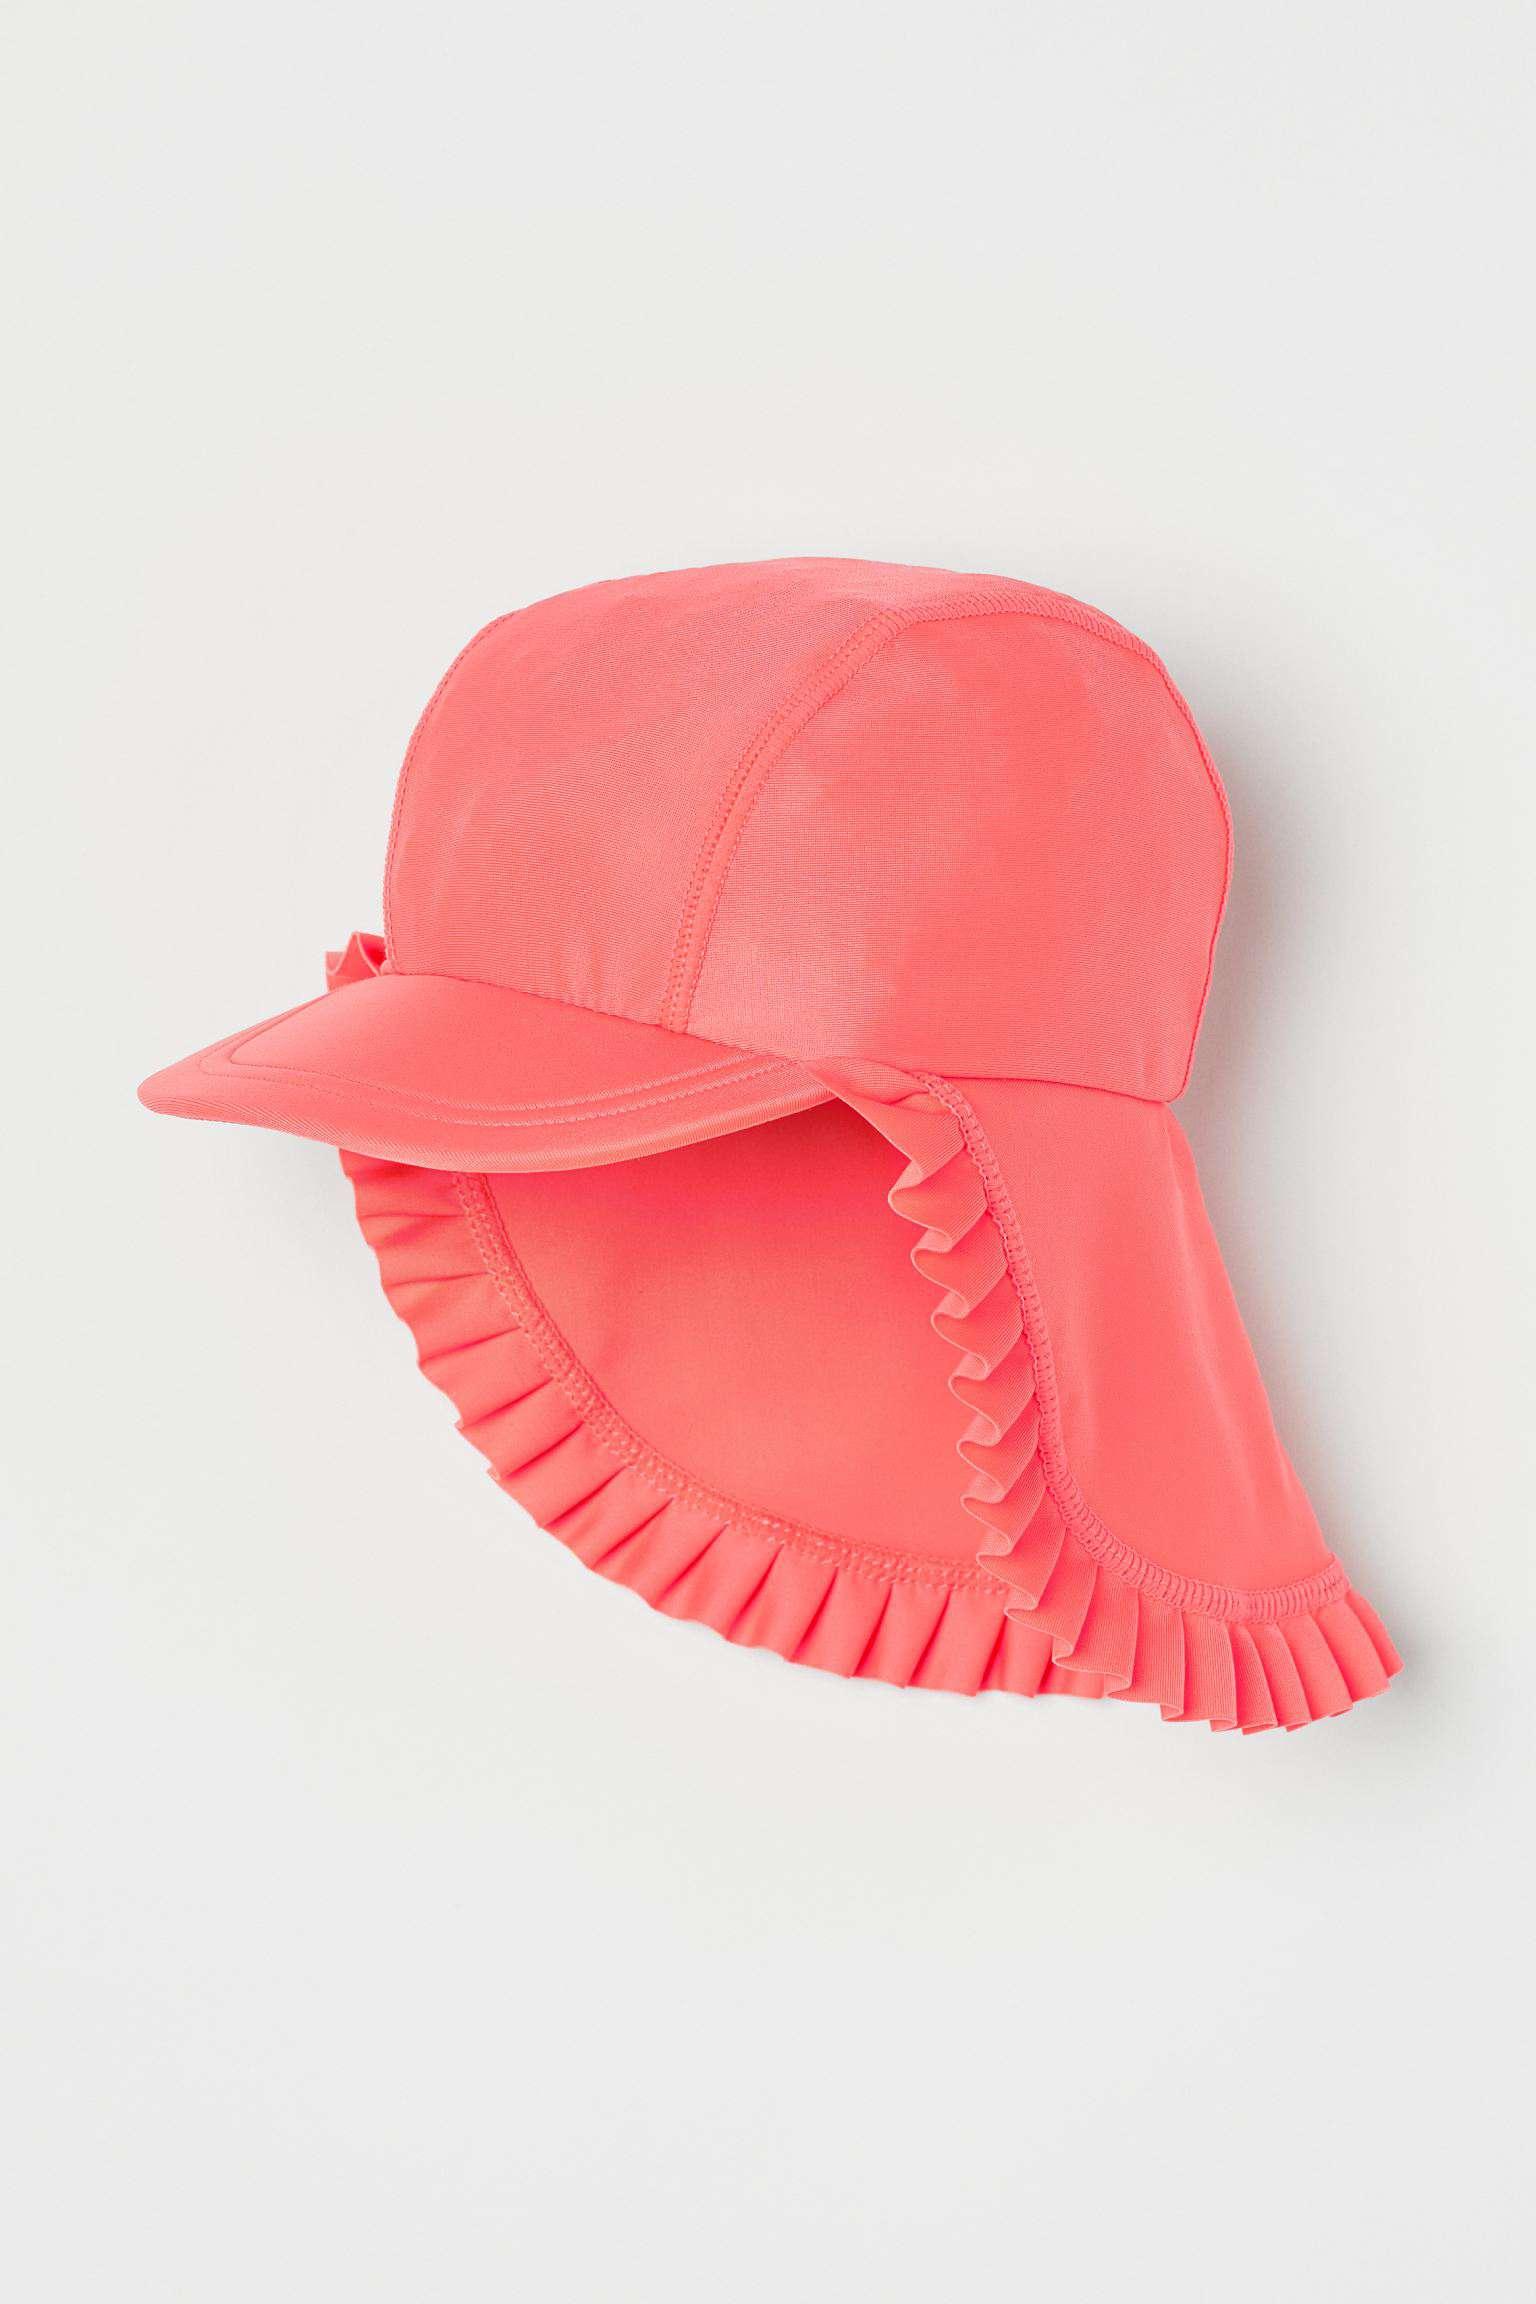 H&M Swim Cap